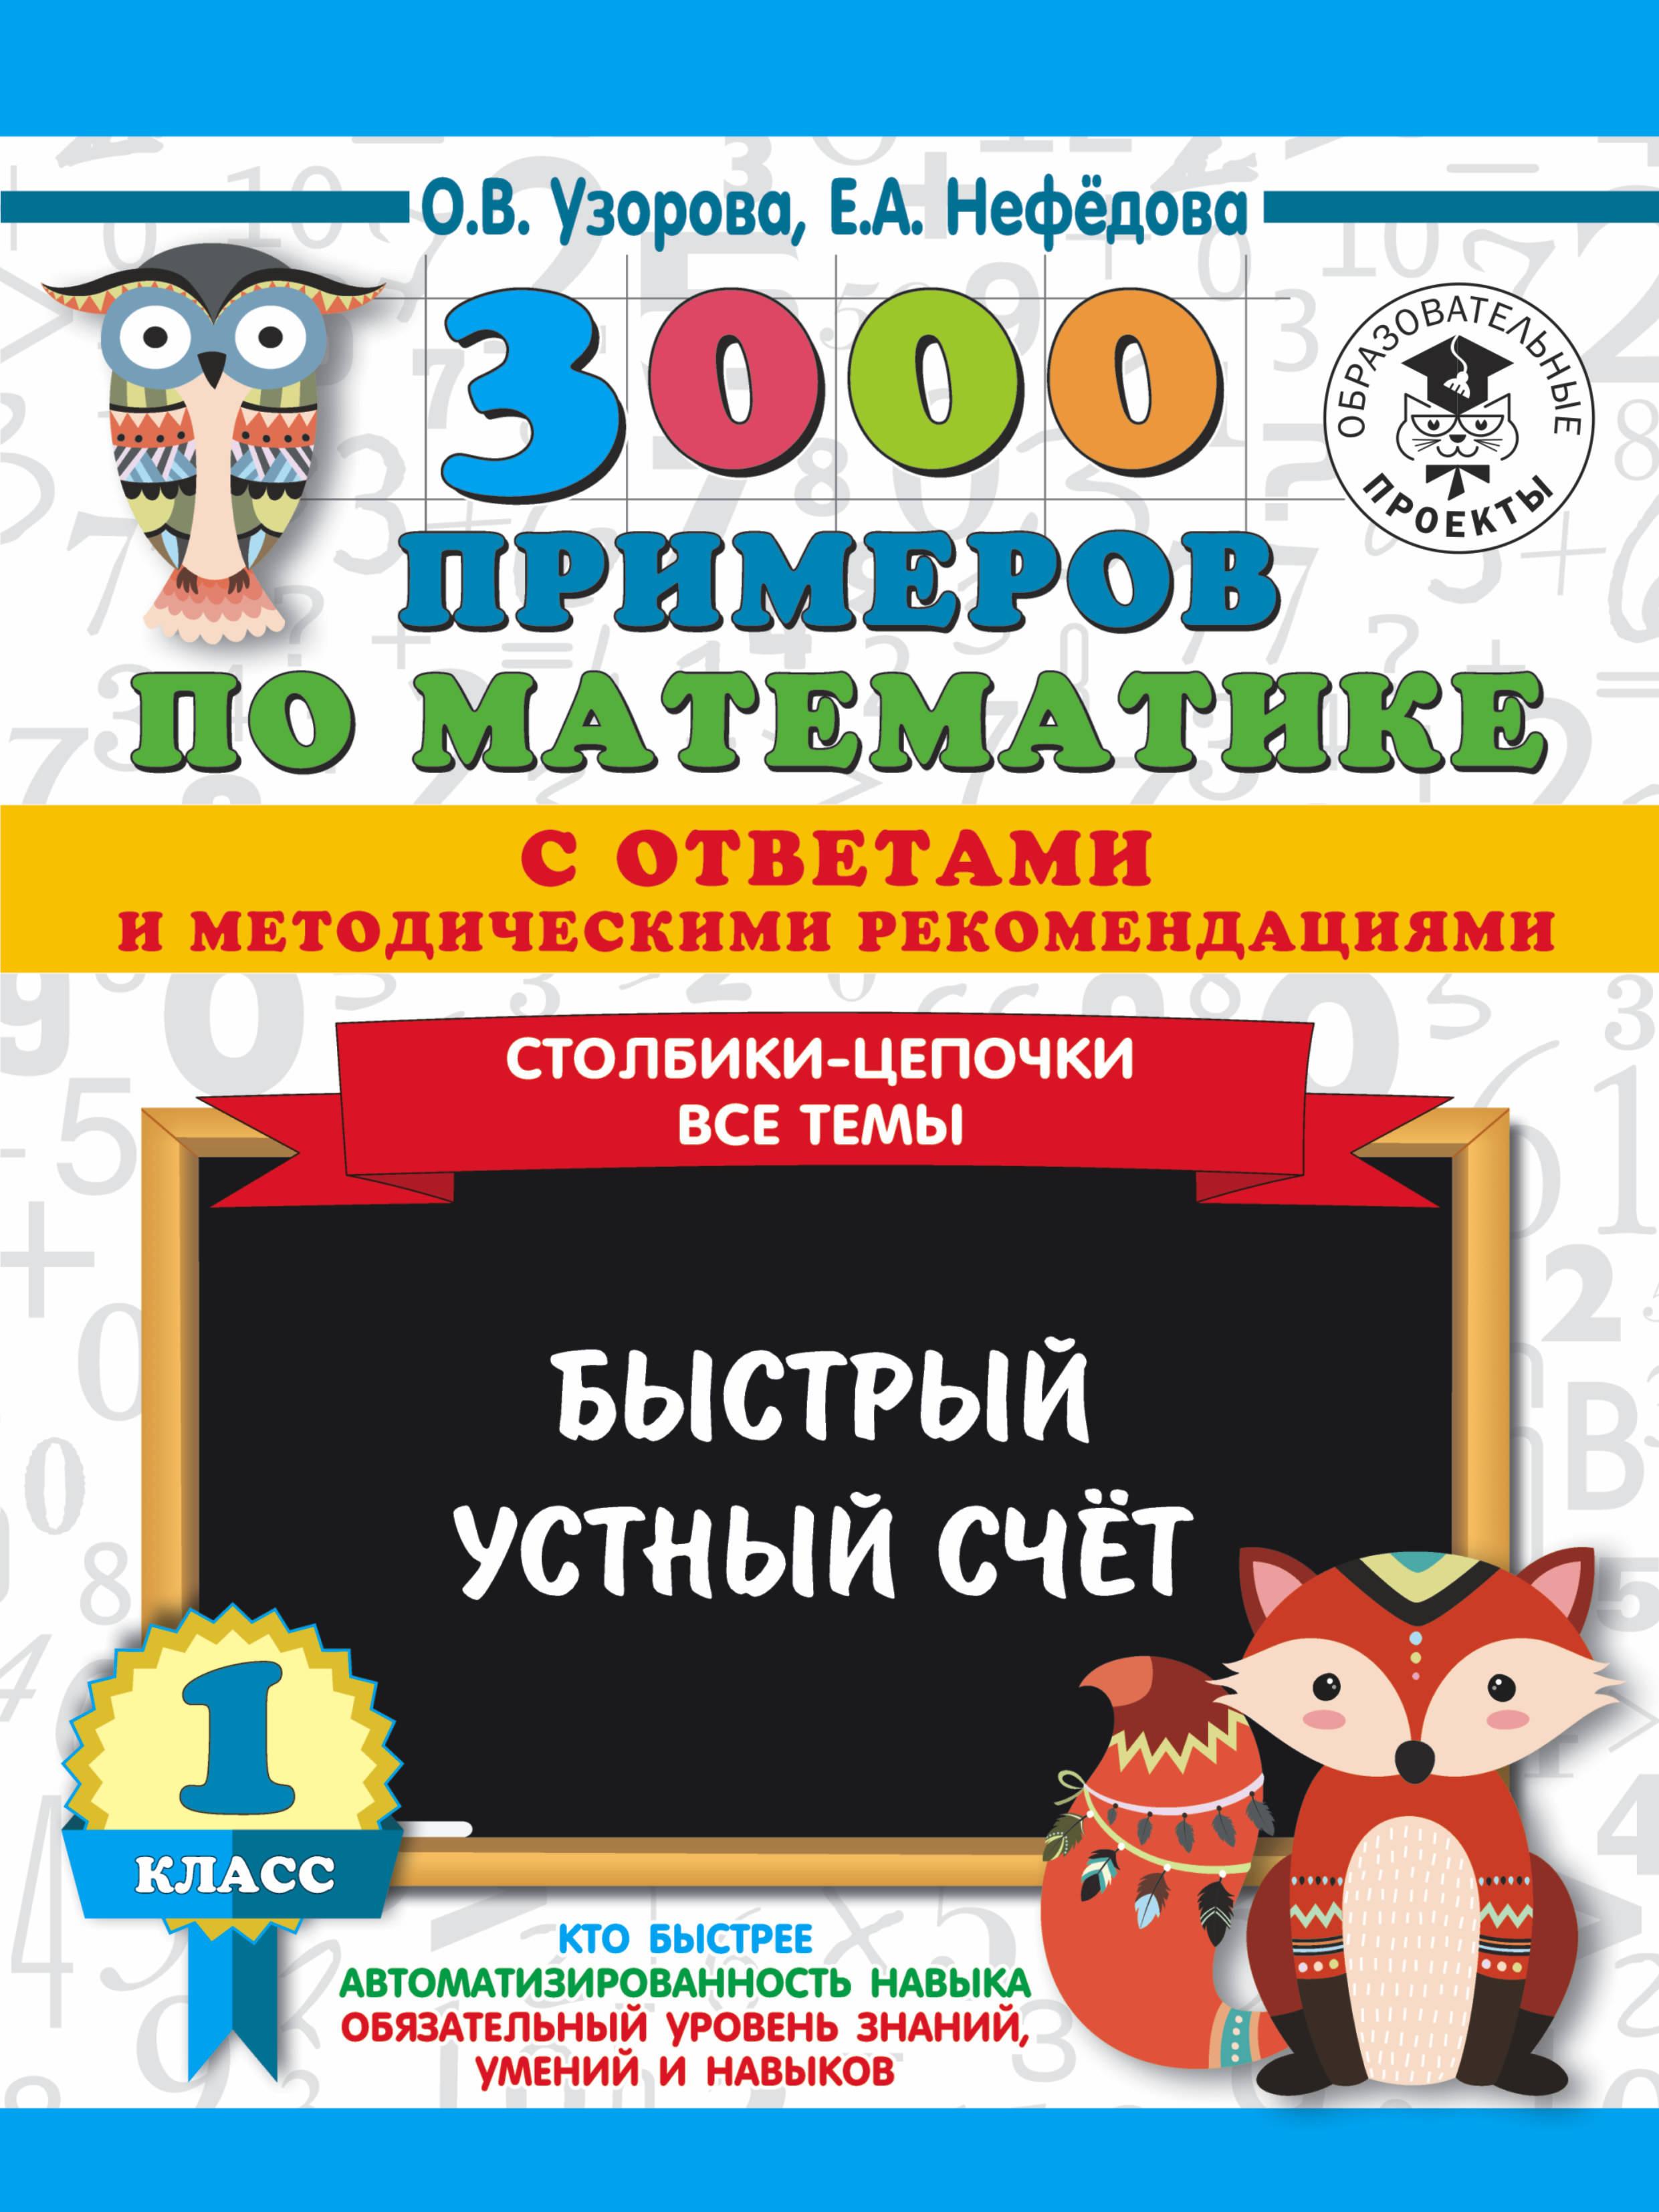 3000 primerov po matematike s otvetami i metodicheskimi rekomendatsijami. Stolbiki-tsepochki. Vse temy. Bystryj ustnyj schjot. 1 klass